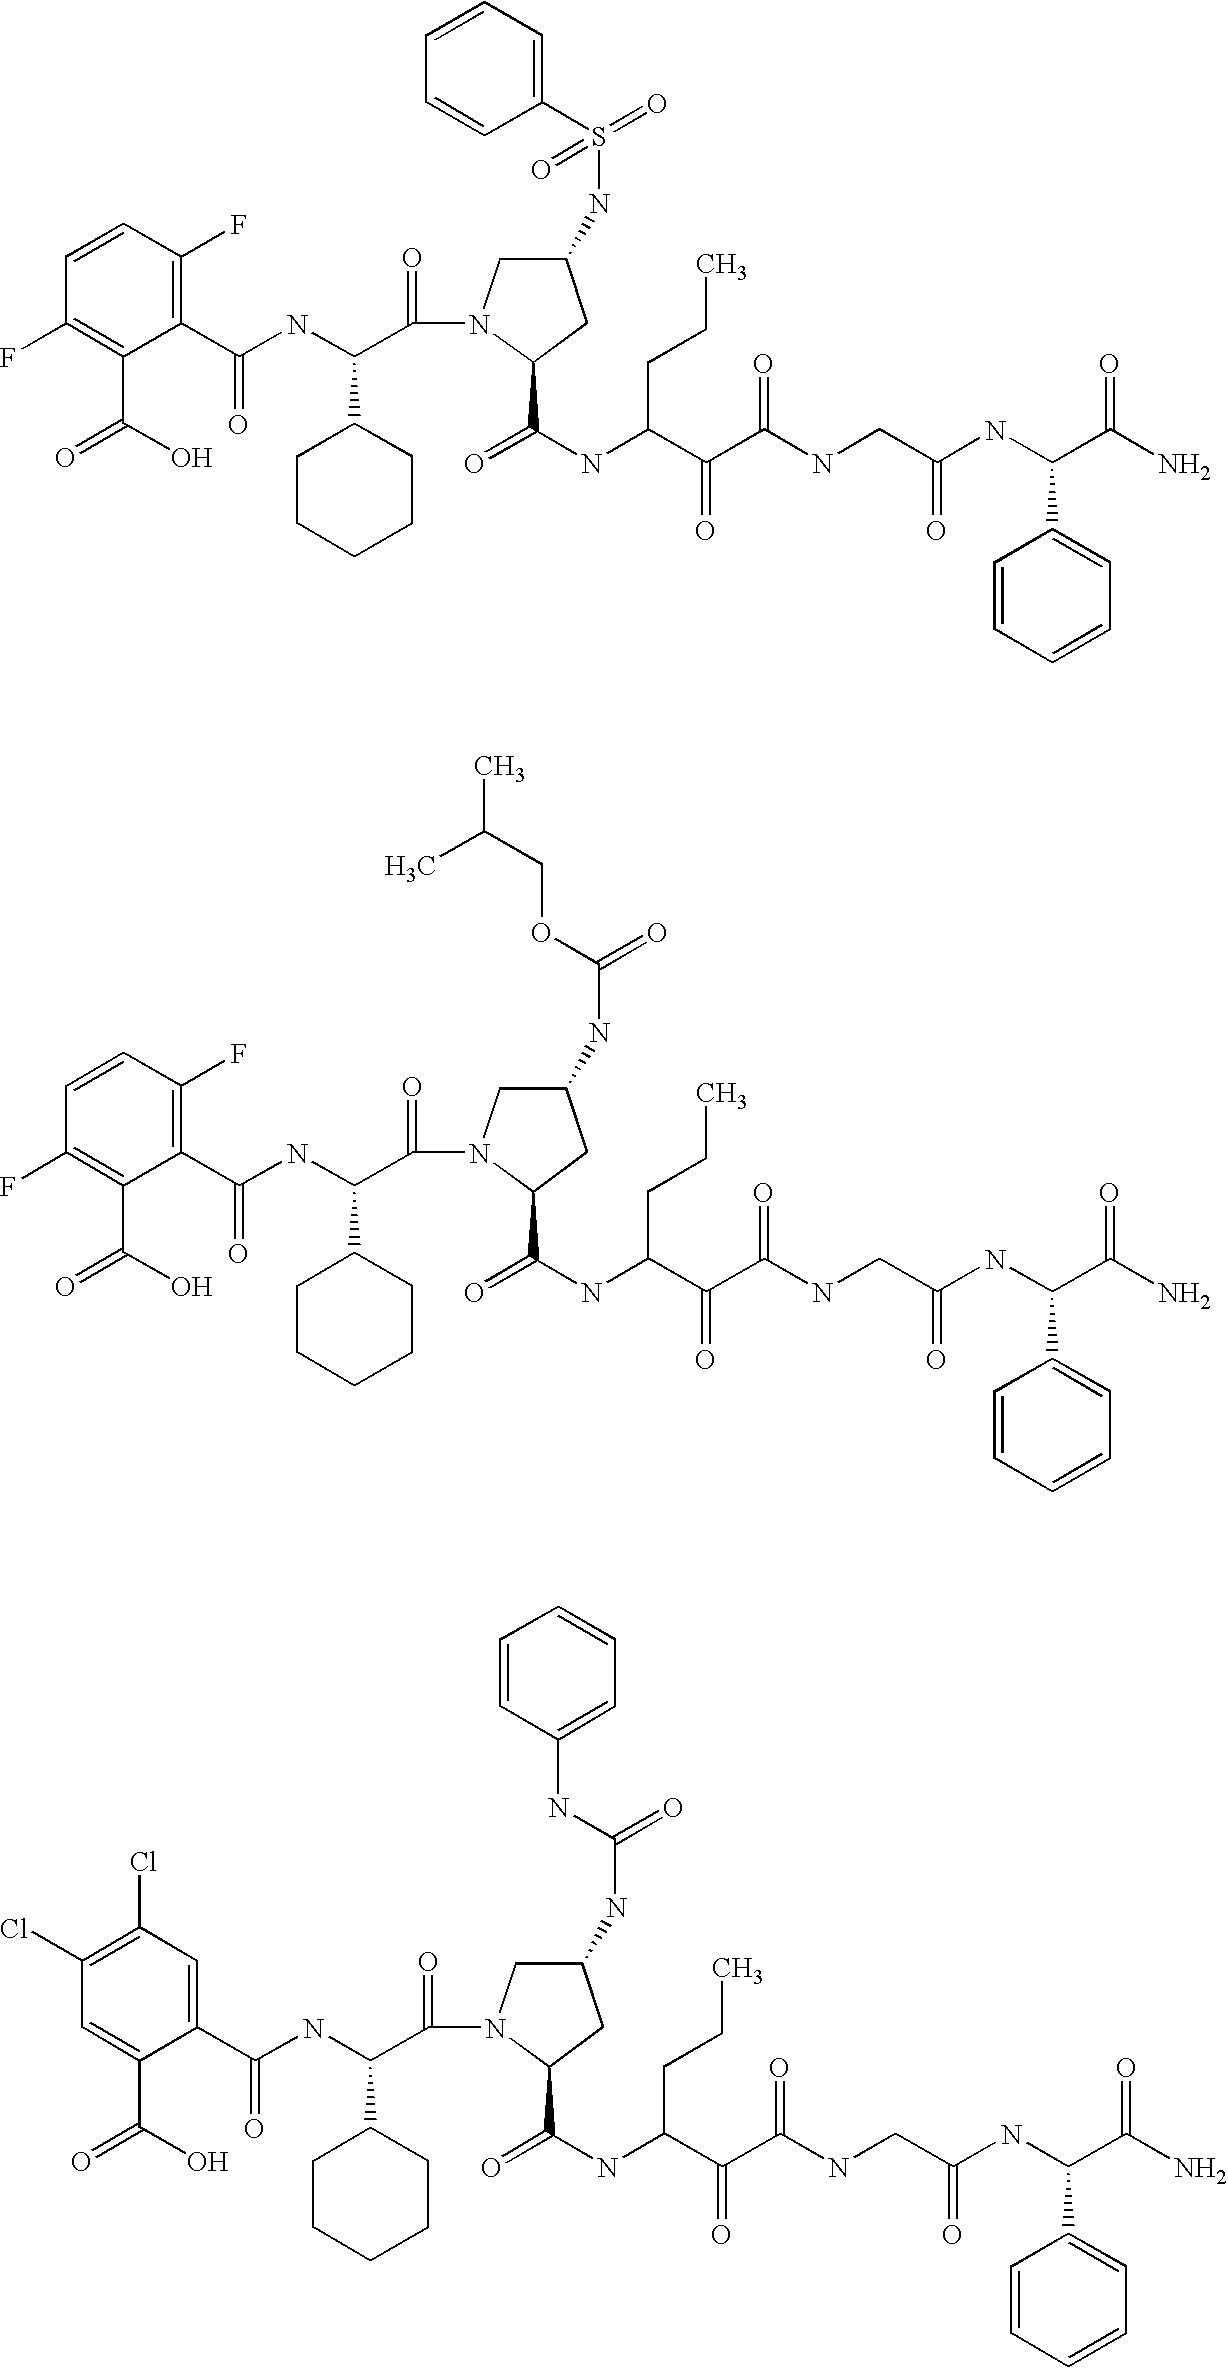 Figure US20060287248A1-20061221-C00134